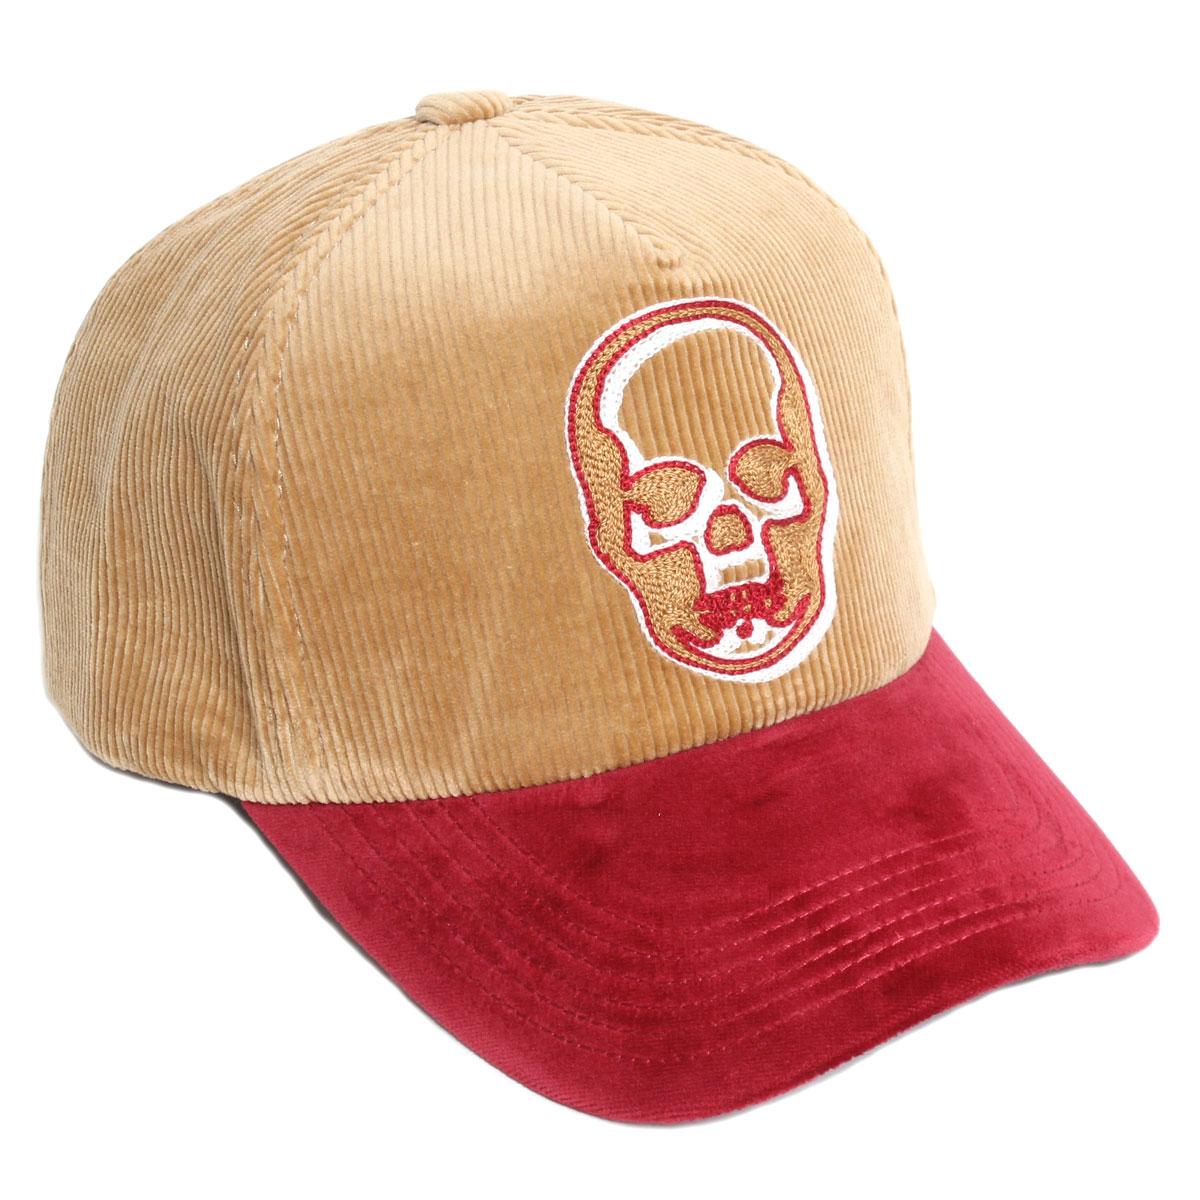 【送料無料】lucien pellat-finet ルシアンペラフィネ メンズ キャップ 帽子 CAP75 コーデュロイBEIGE/RED ベージュ/レッド